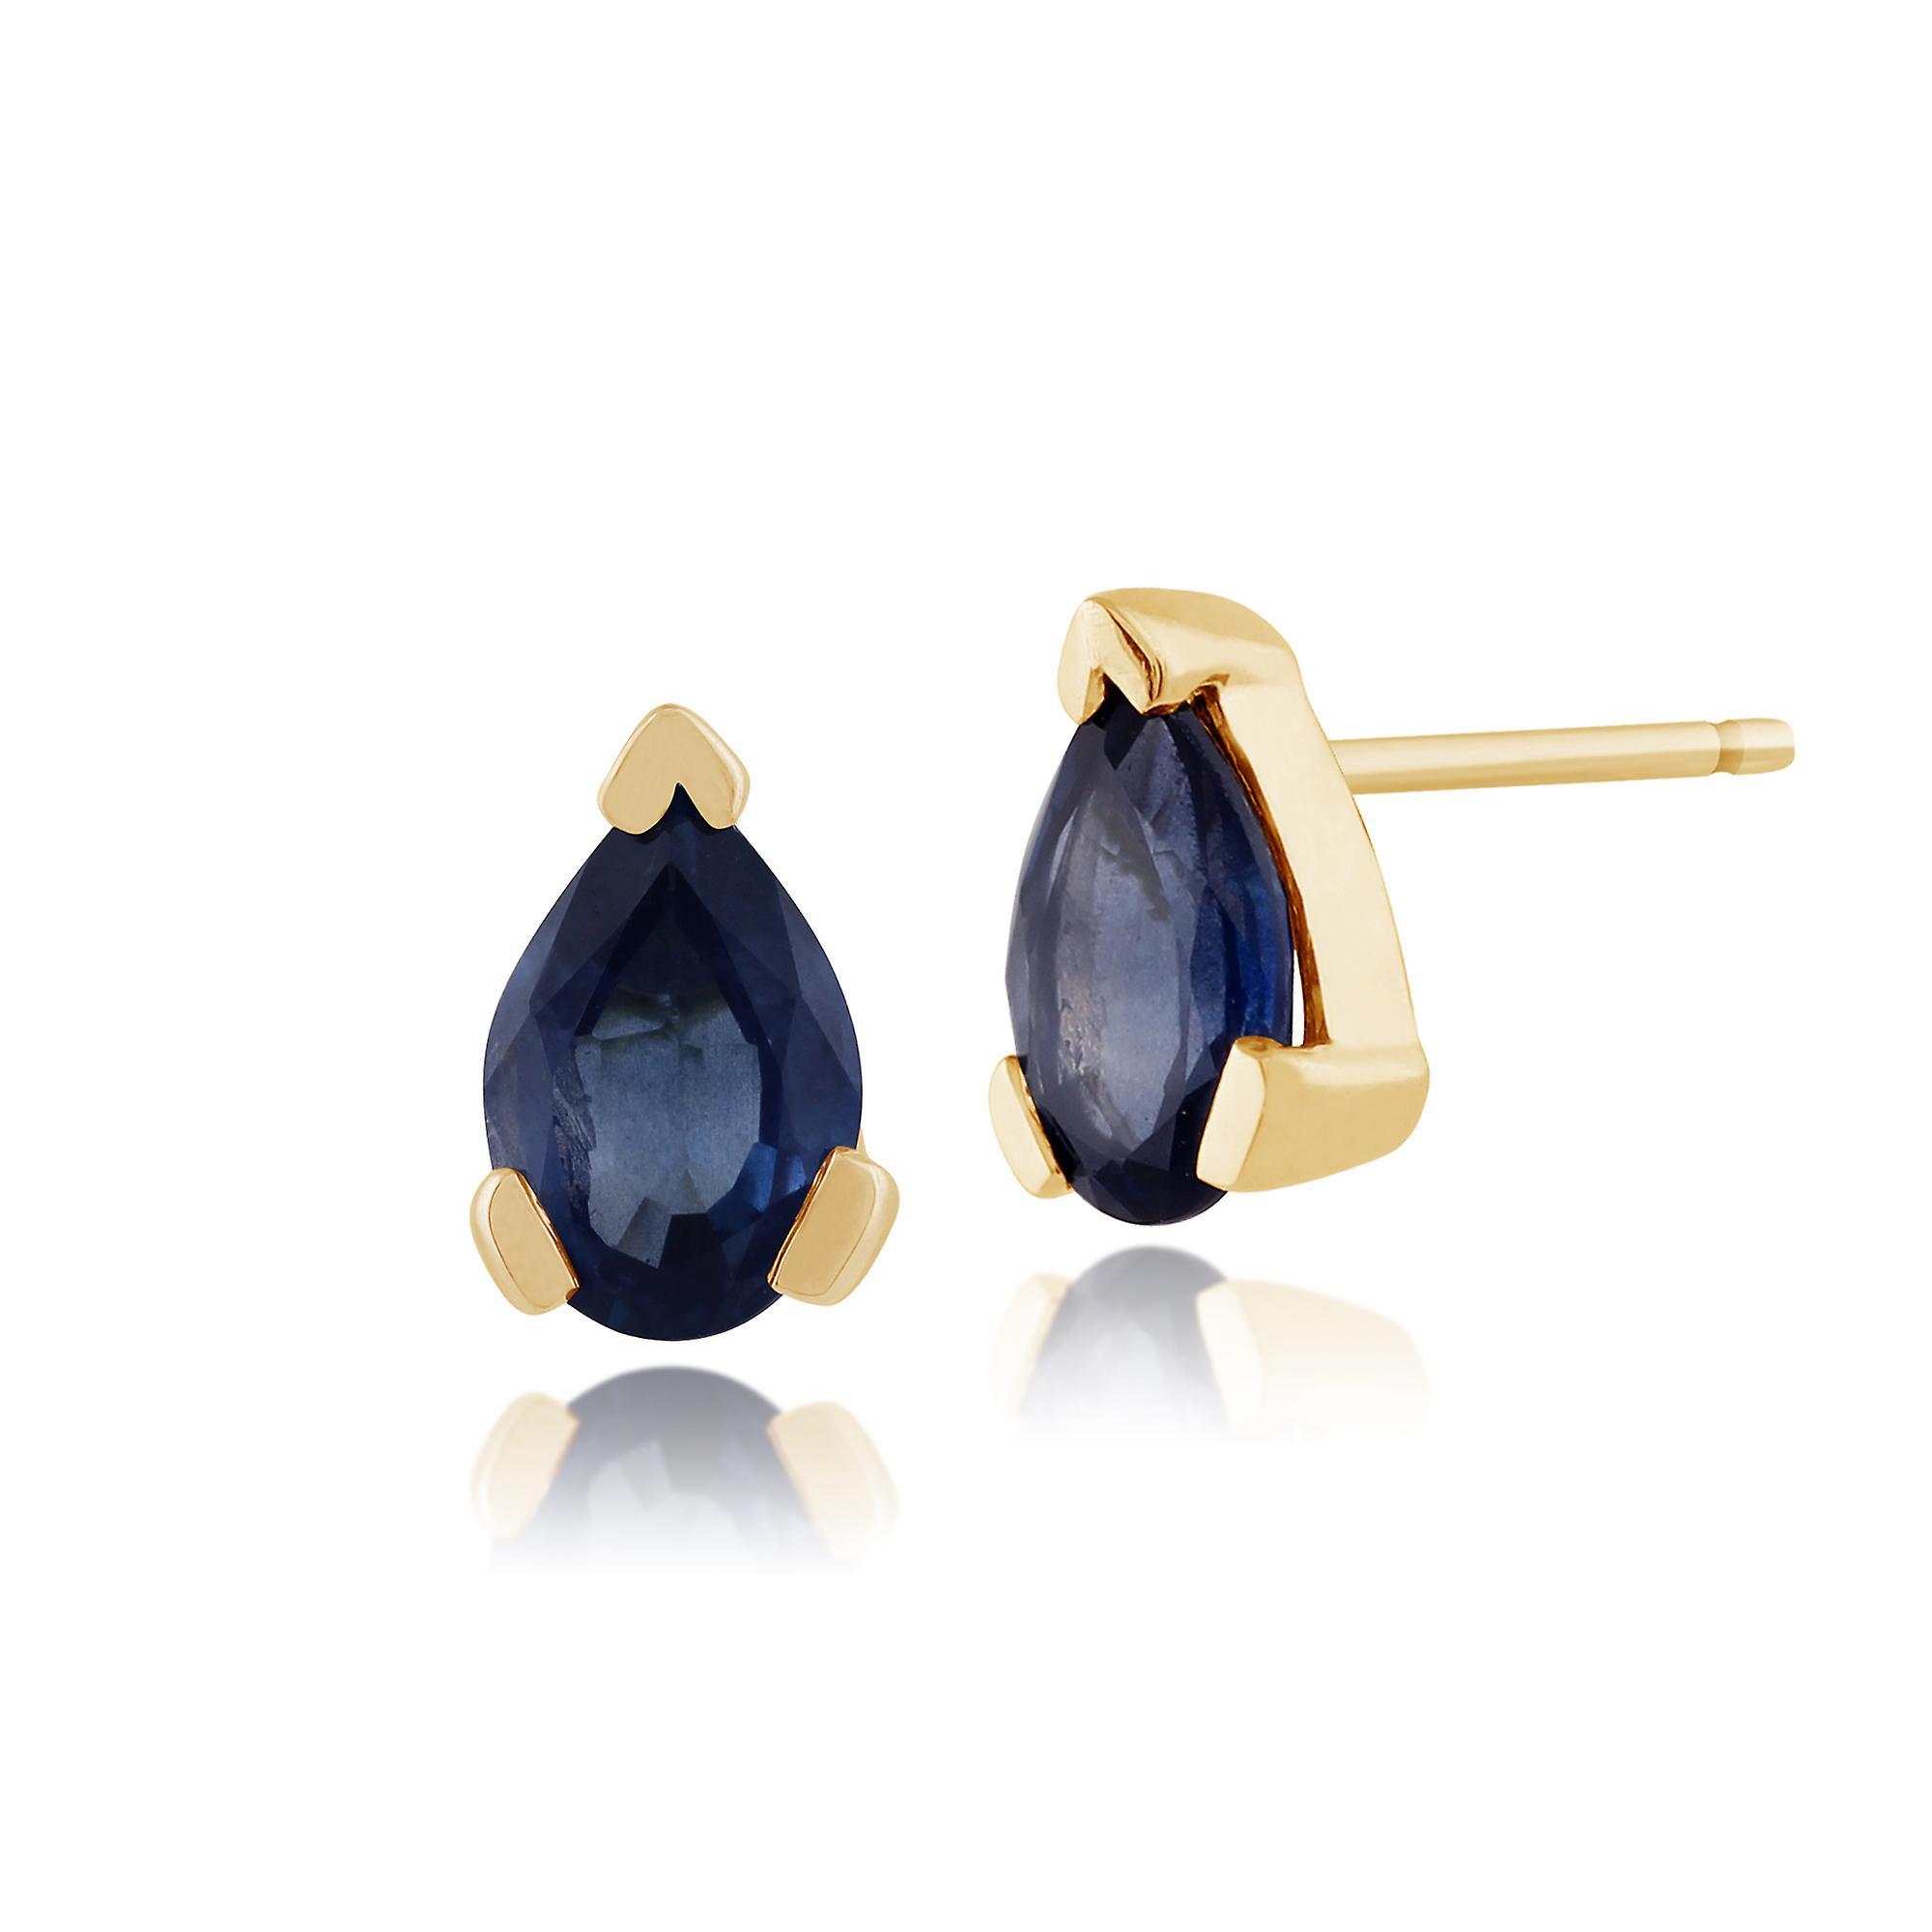 Gemondo 9ct jaune or 0.96ct Pear lumière bleu Sapphire Stud boucles d'oreilles